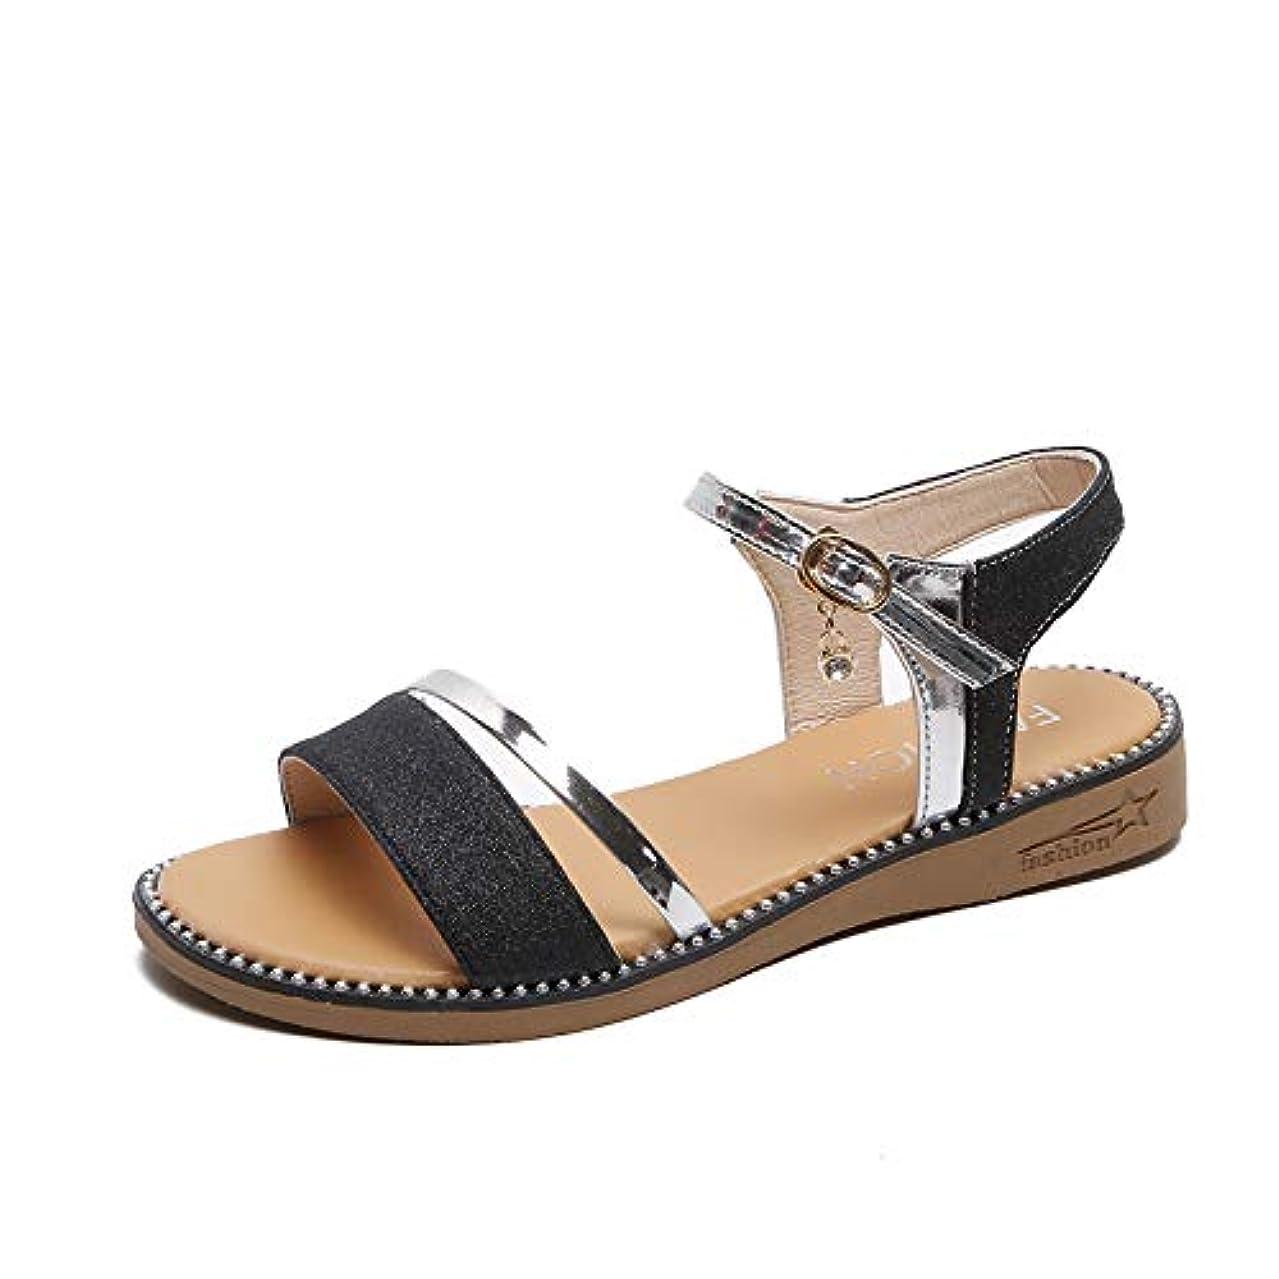 開発する芸術的玉[フェイミー] ローヒール サンダル ウェッジ ソール ストラップ 付き 履きやすい 歩きやすい 黒 22.0cm ~ 24.5cm レディース